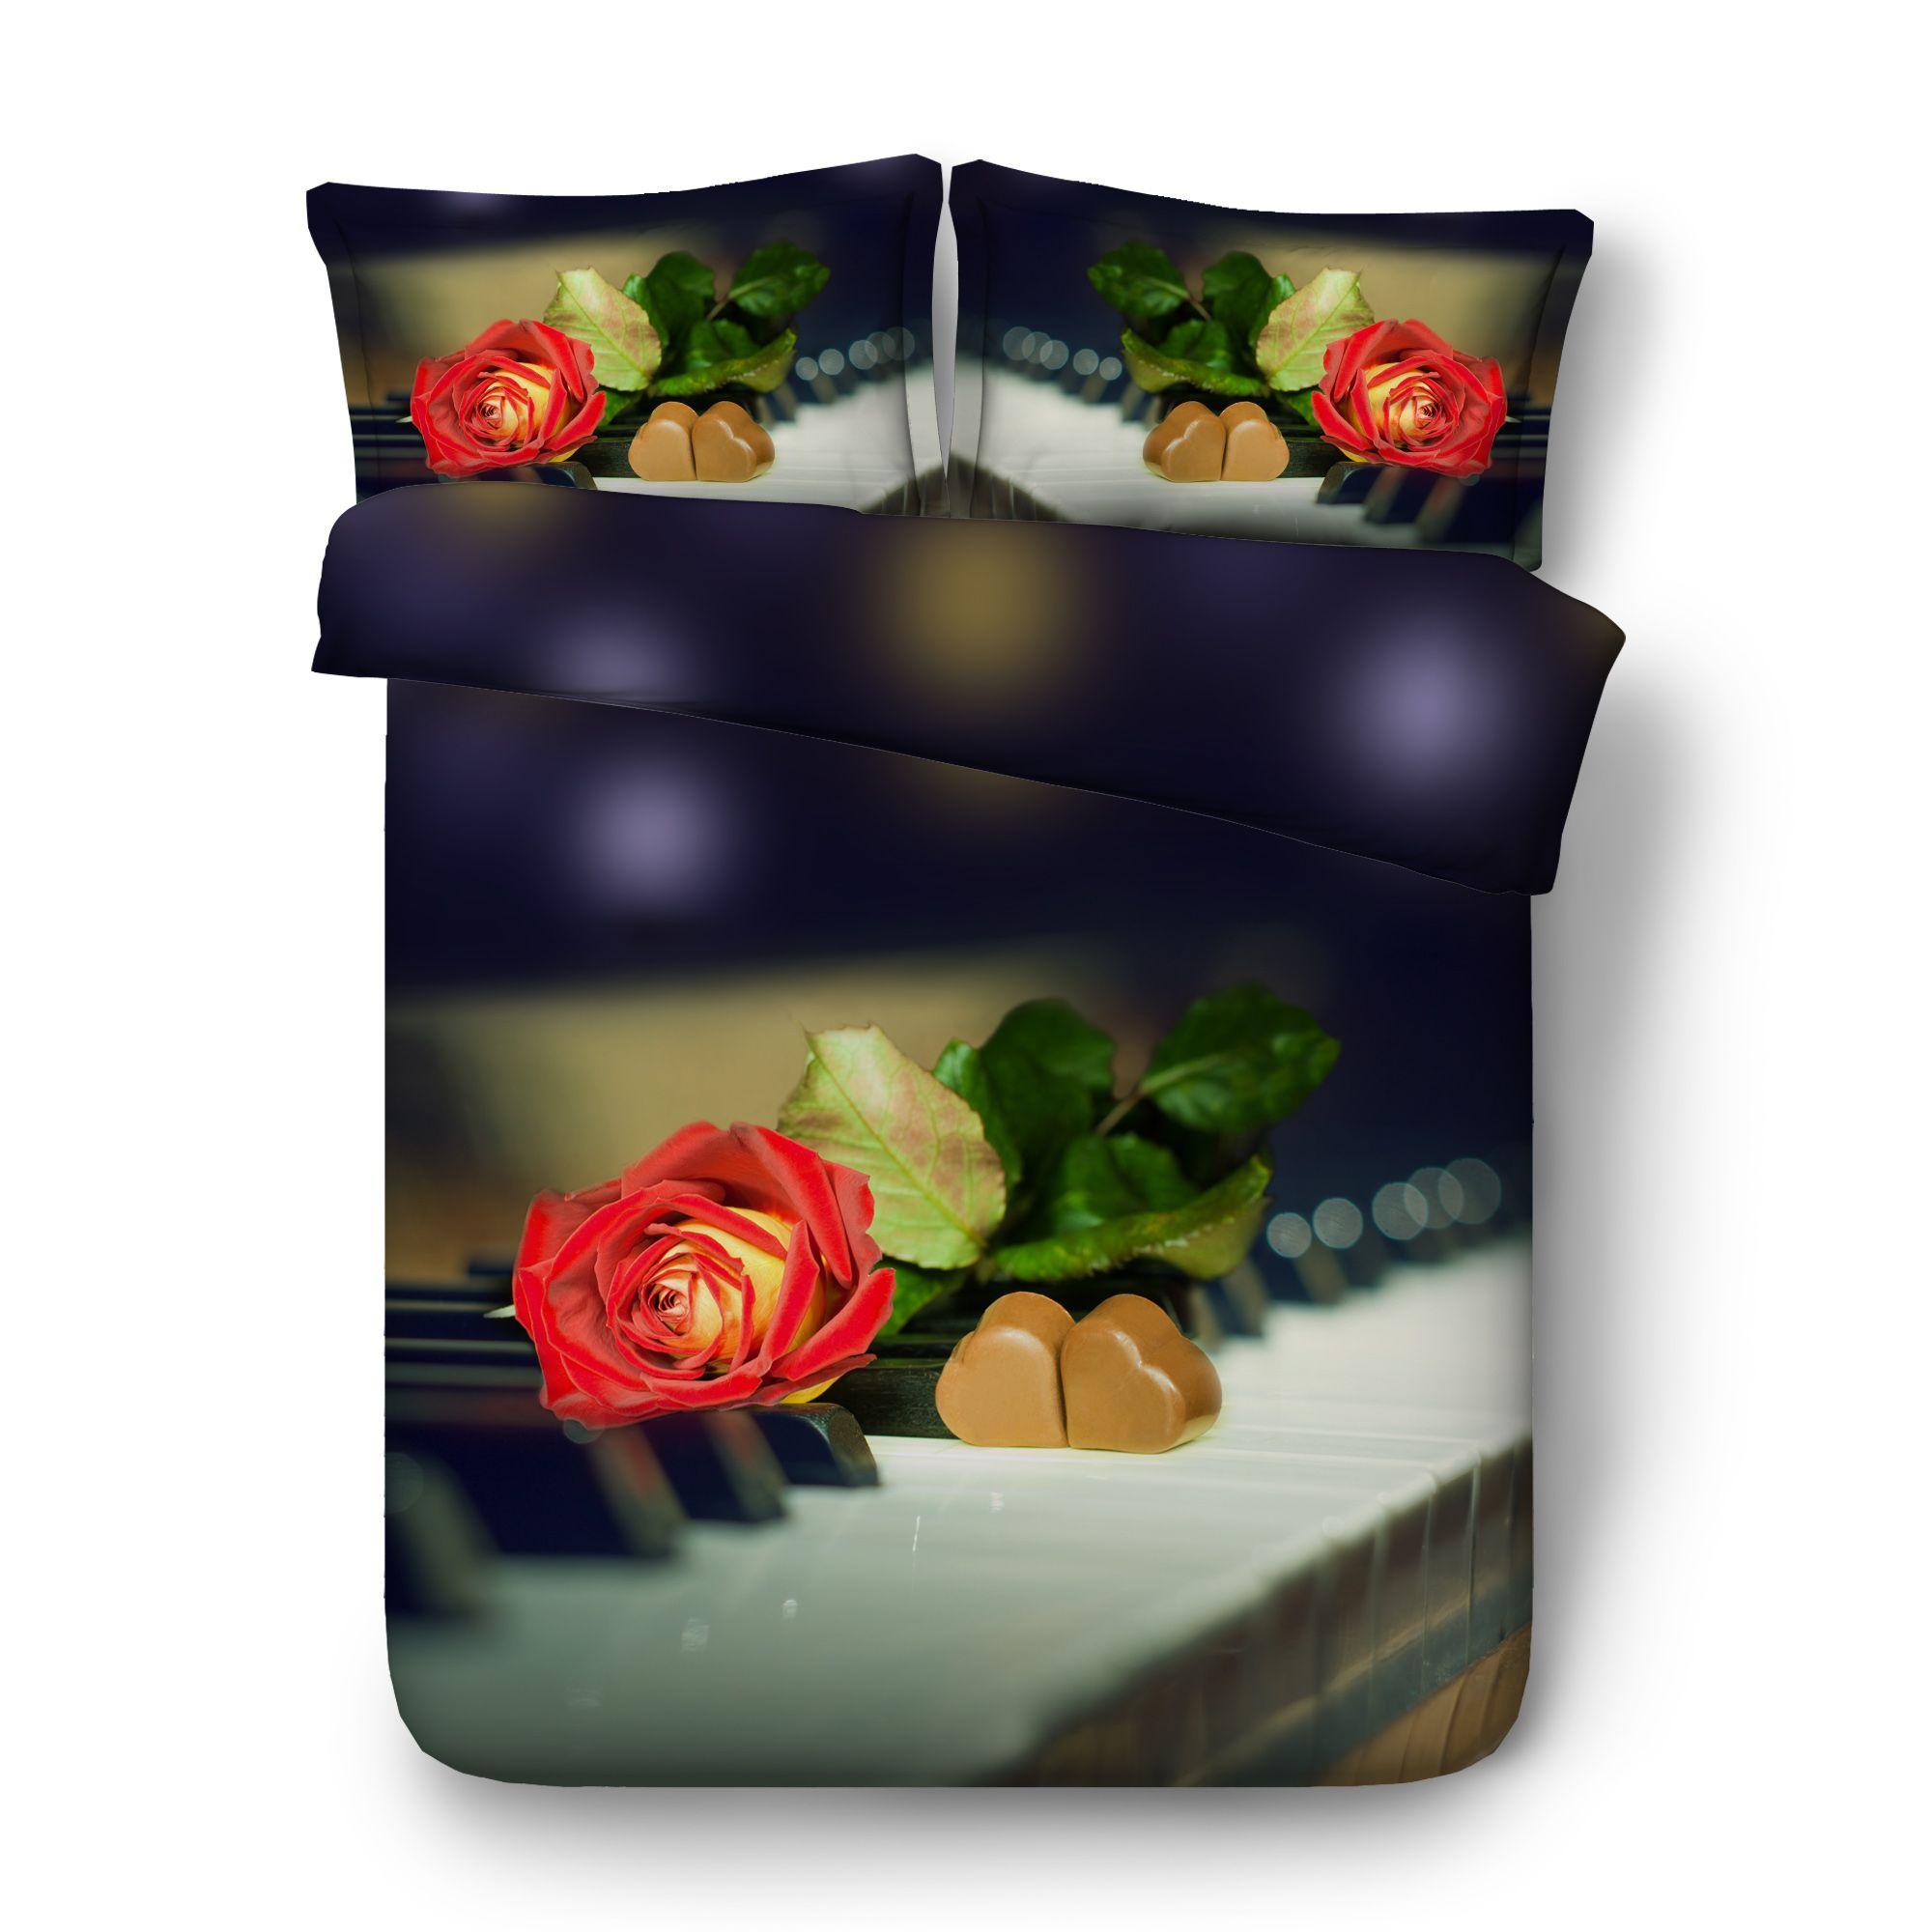 رومانسية الورود المفرش الوردي الزهور غطاء لحاف تعيين حب القلب لحاف المعزي يغطي بنات عرس مل 3pcs مجموعة مفروشات مع 2 وسادة شمس